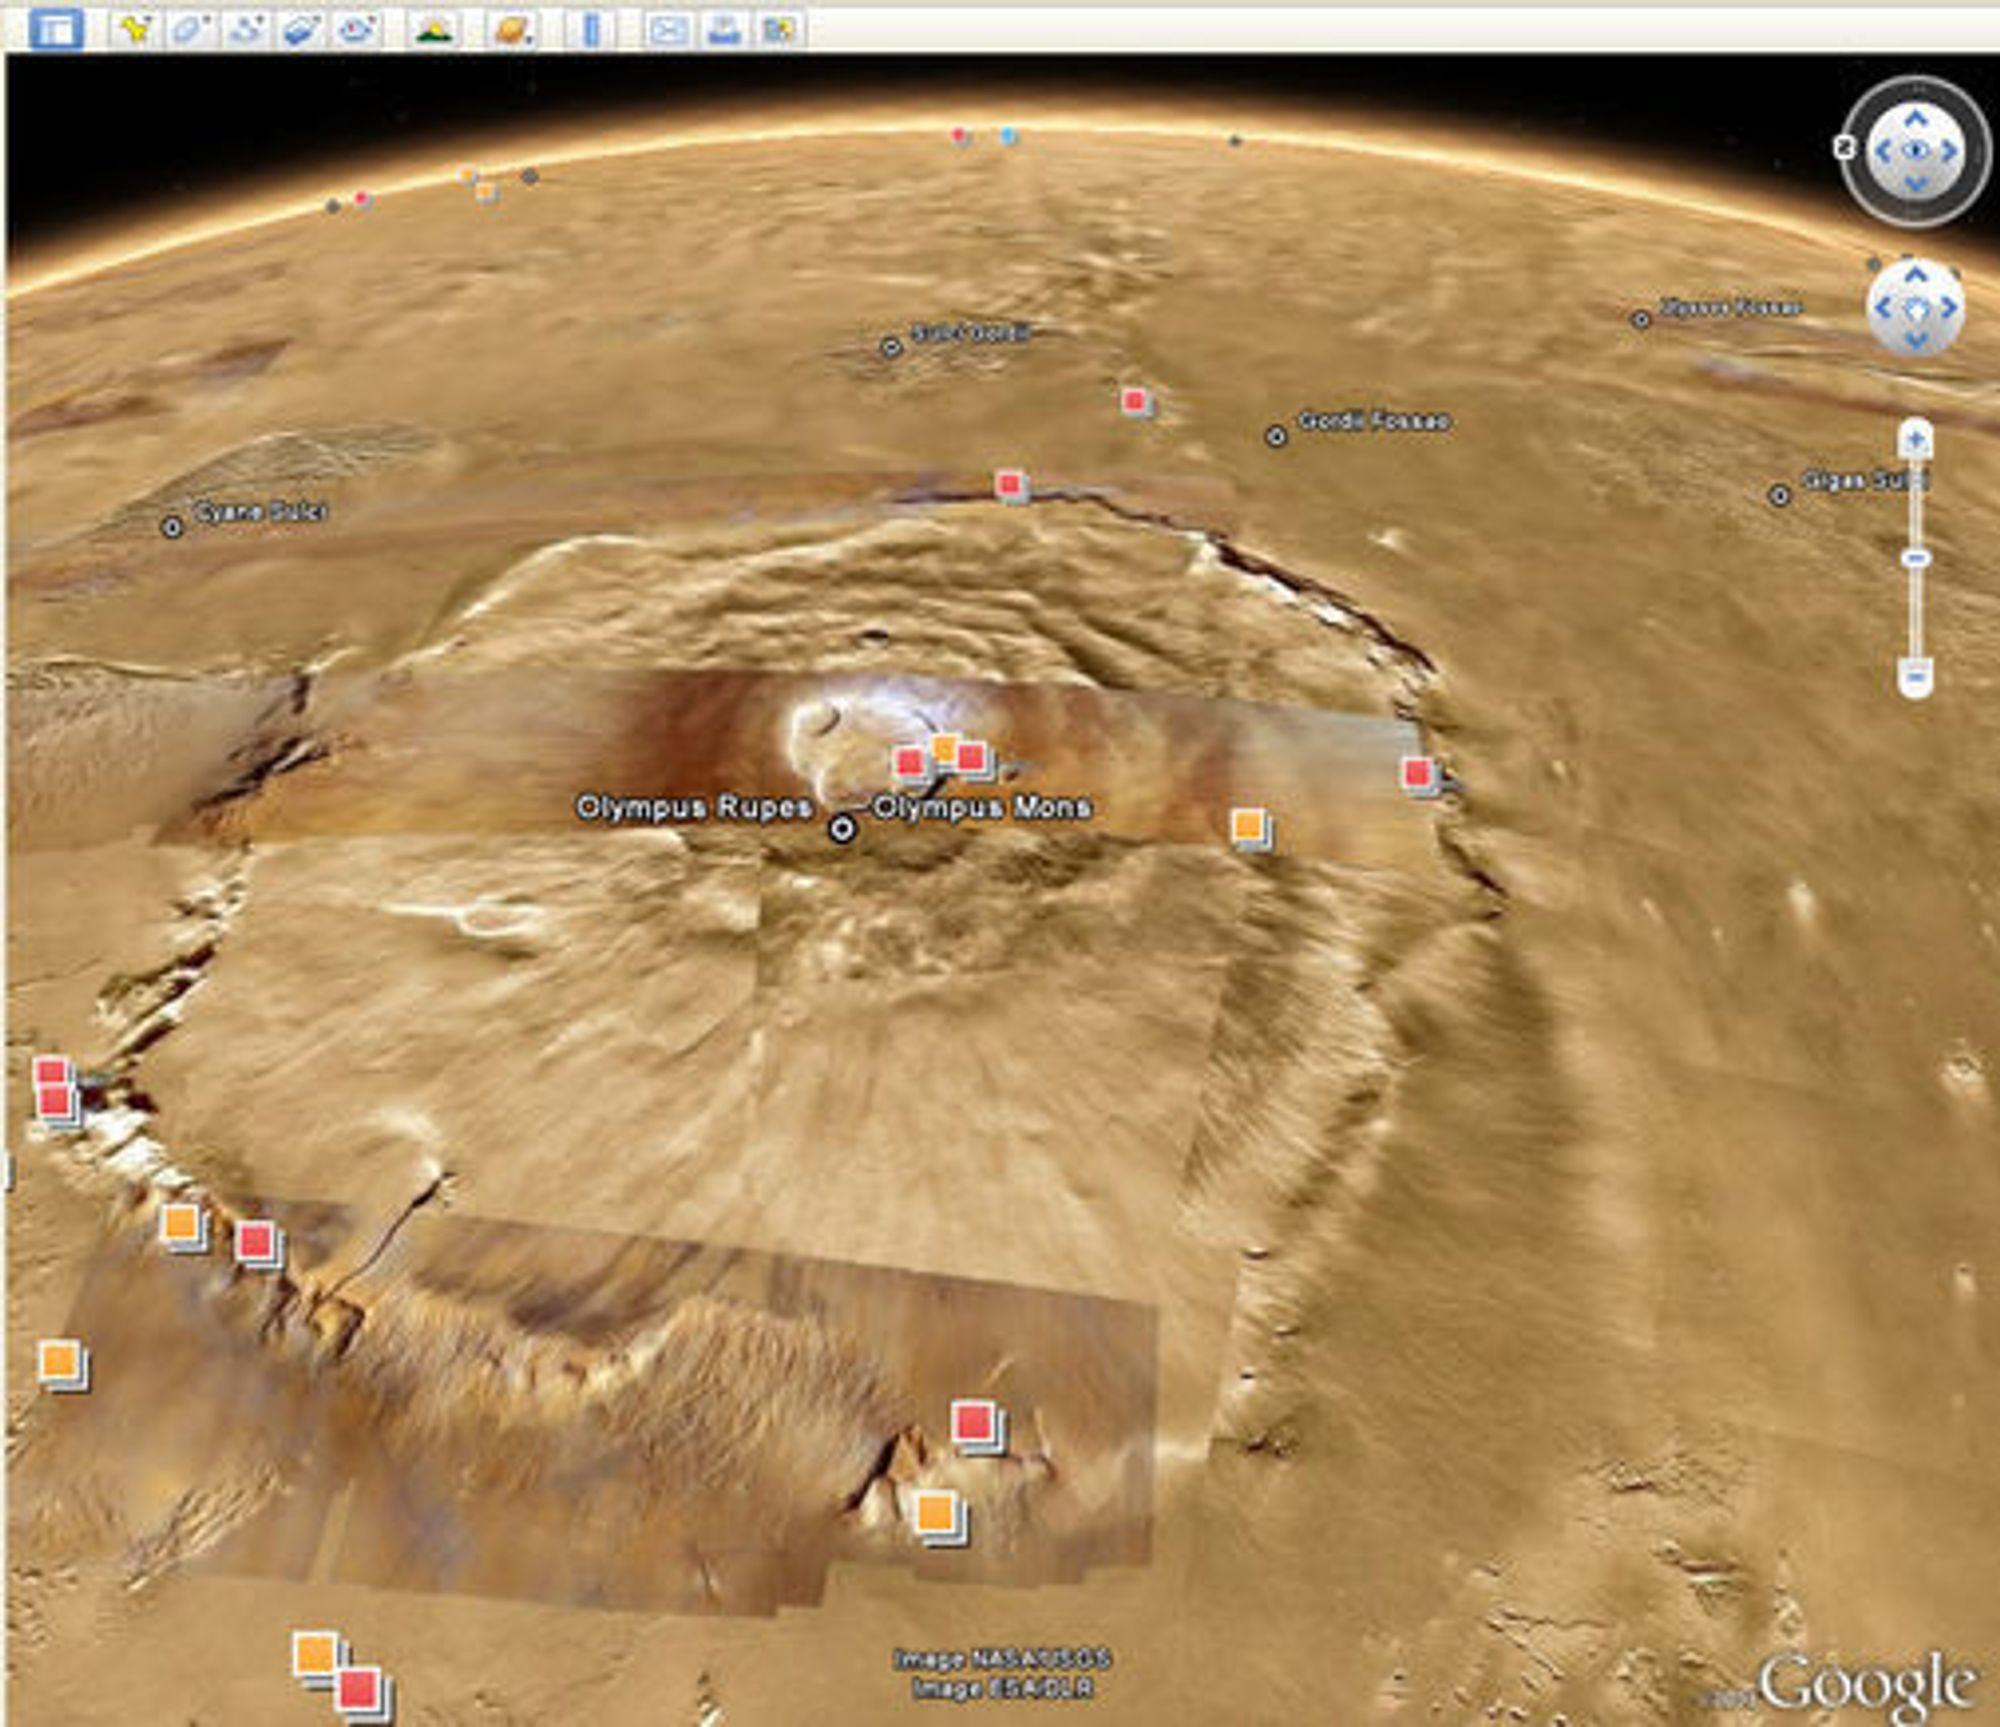 Fjellet Olympus Mons på Mars. Det er omtrent 27 kilometer høyt.